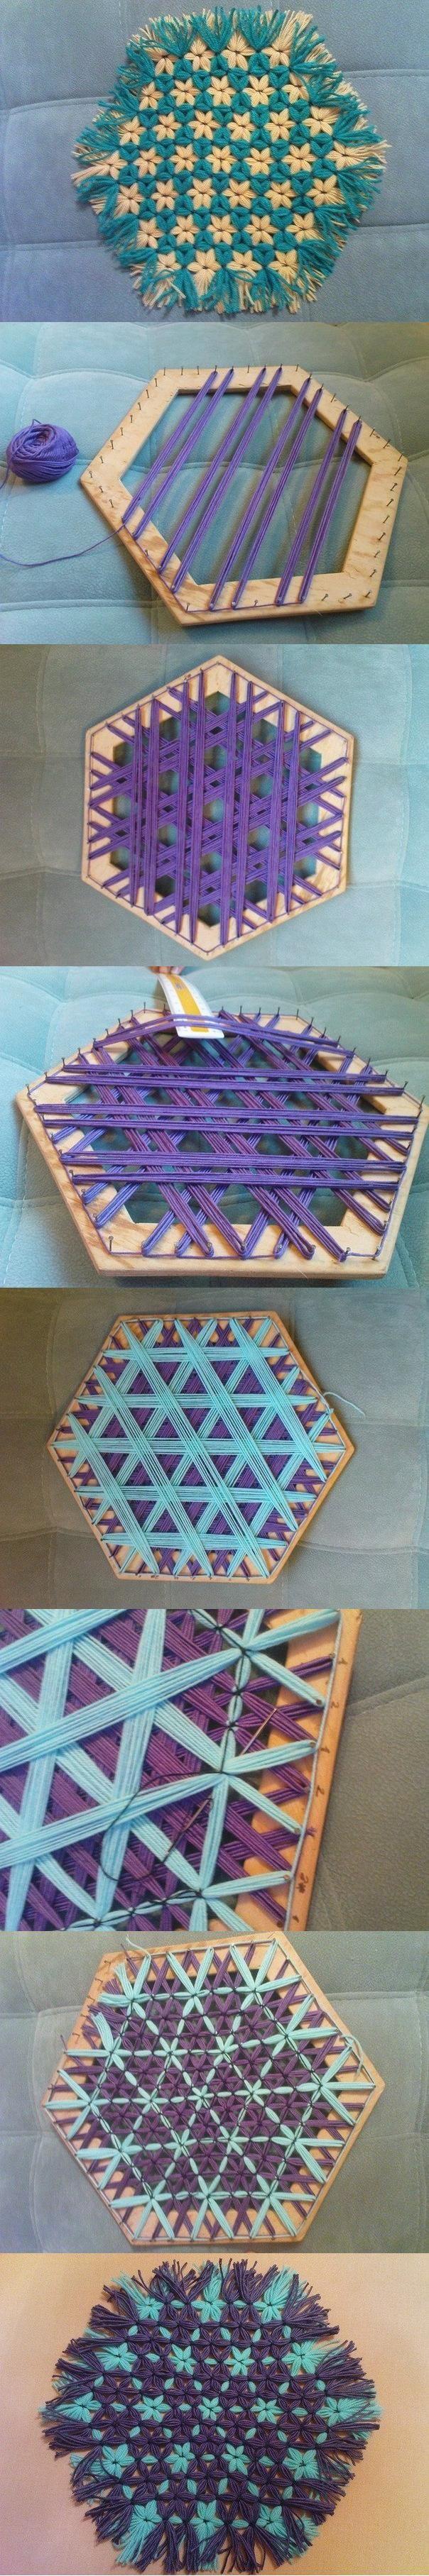 DIY Beautiful Hexagonal Coaster